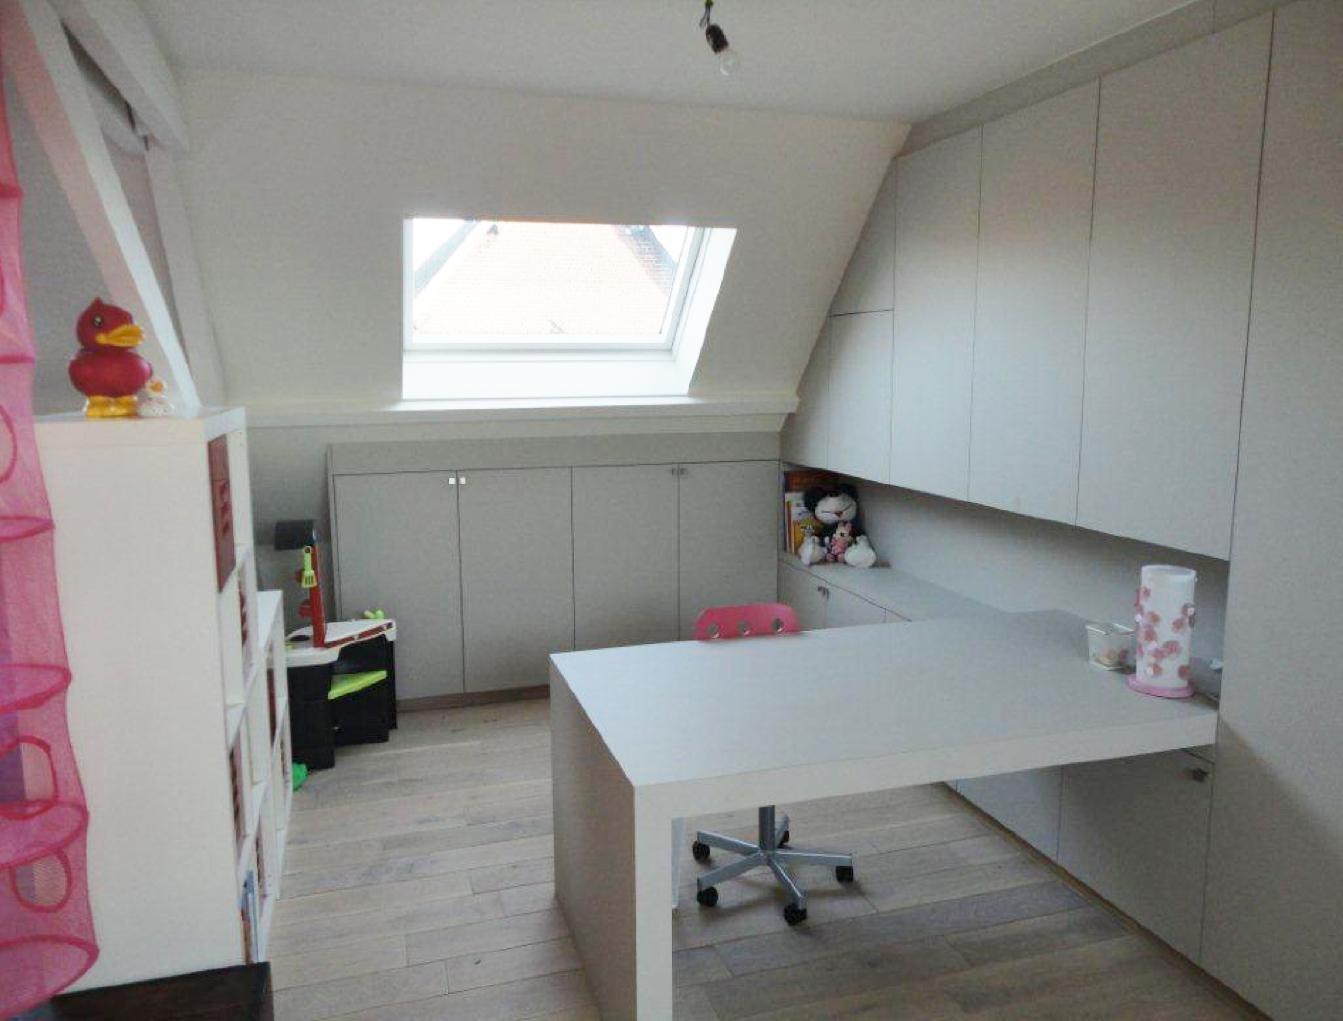 Zolderrenovaties-West Vlaanderen-Maatmeubilair-Bureel